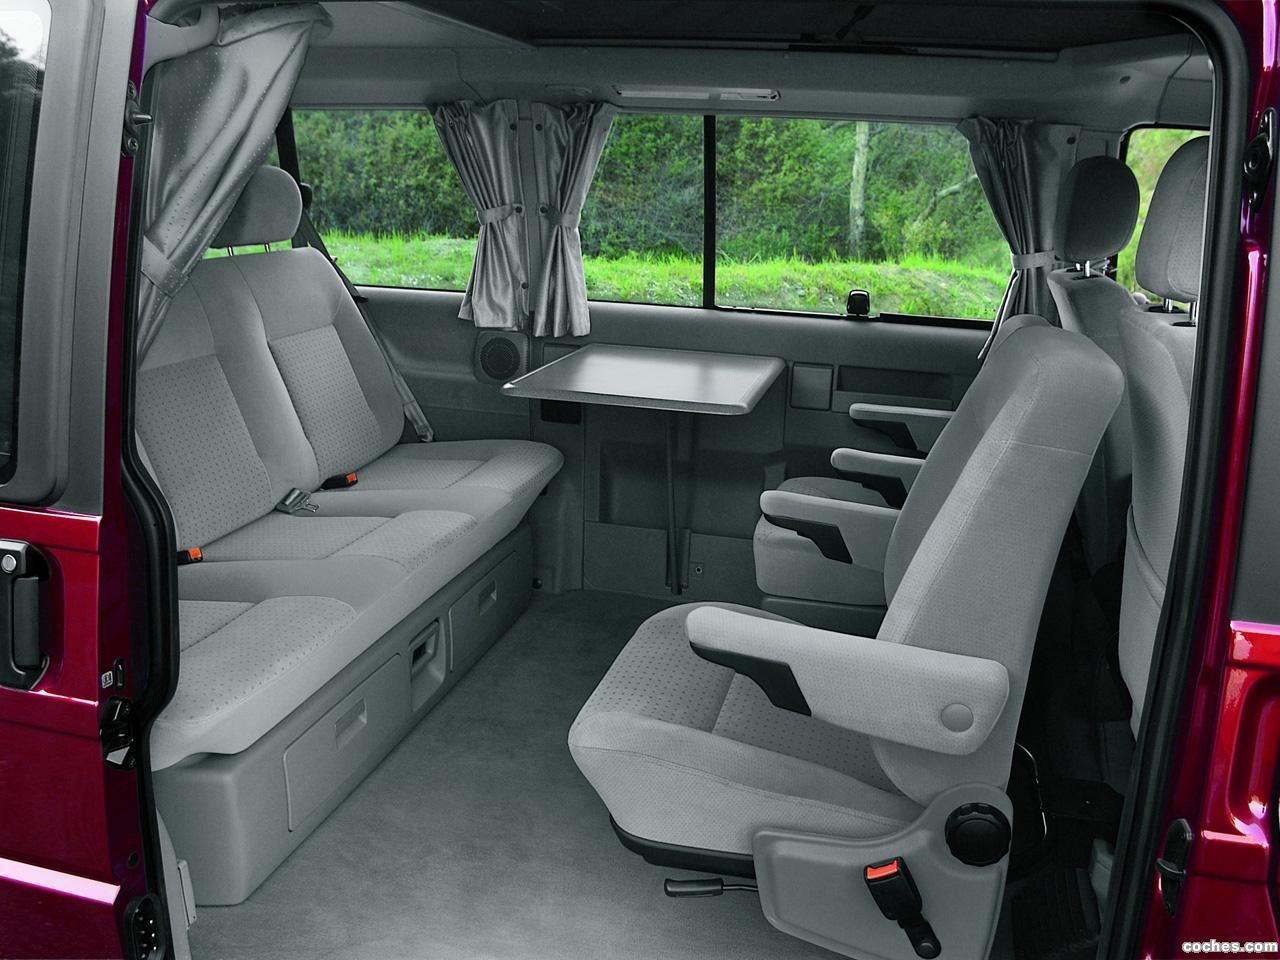 Foto 6 de Volkswagen Transporter westfalia T4 Eurovan Camper 1997